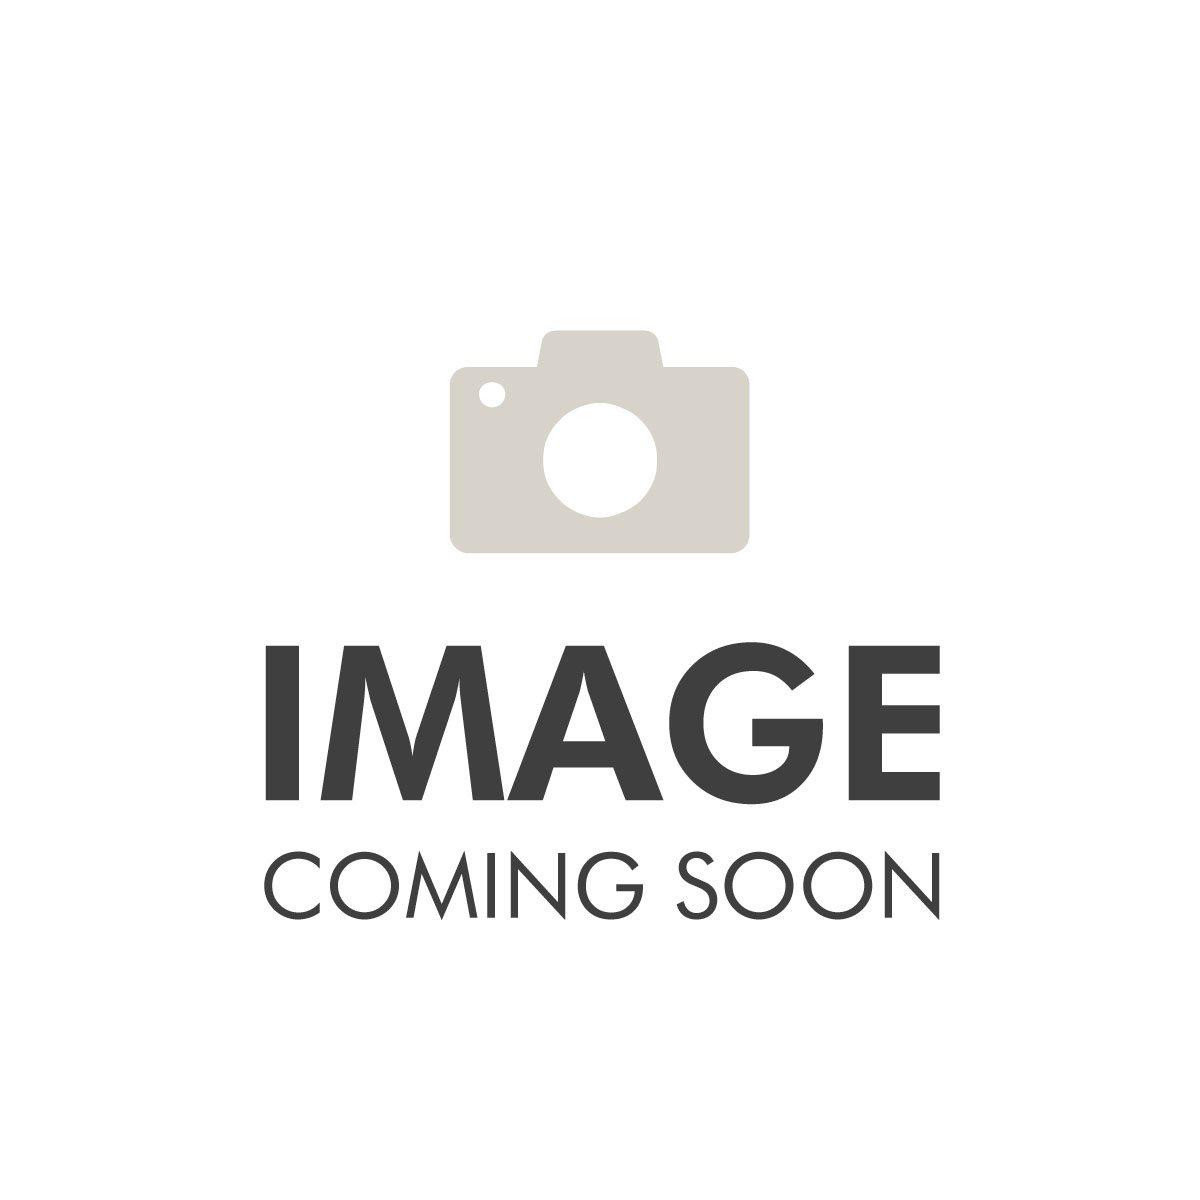 Zadig & Voltaire Zadig Et Voltaire This Is Him! Eau De Toilette Spray 100ml